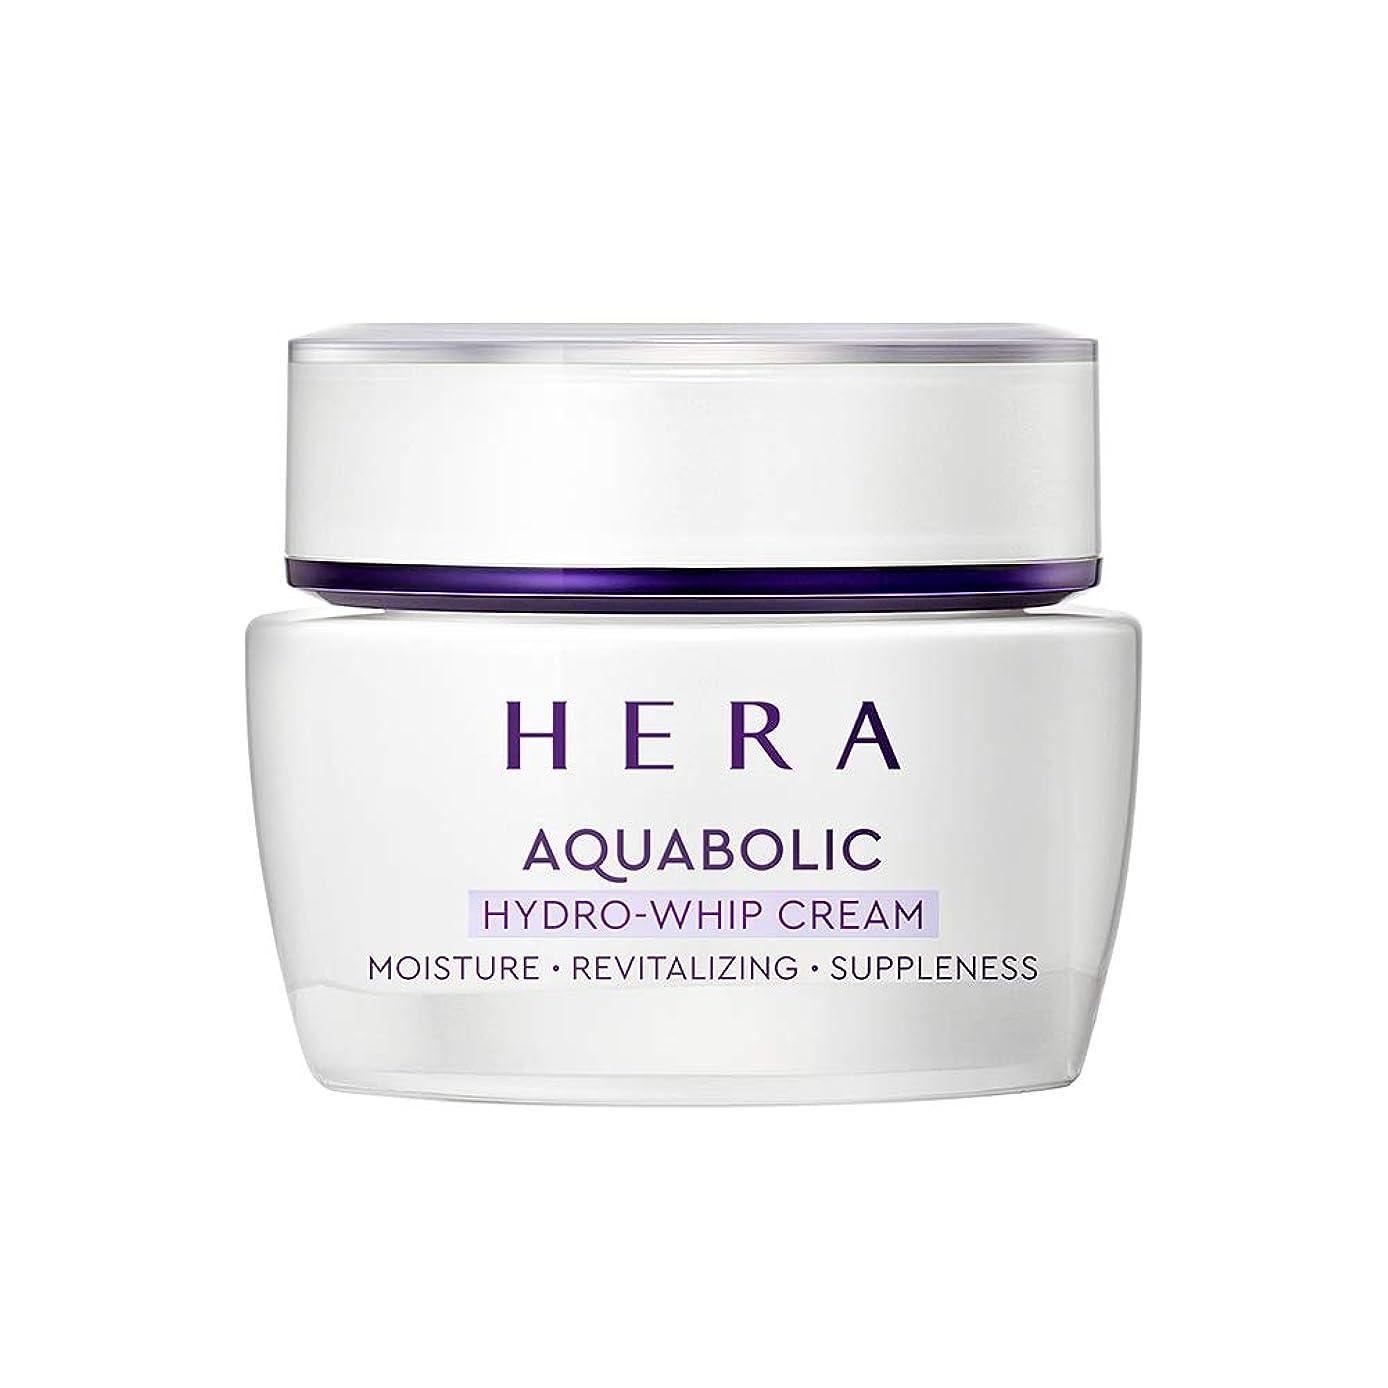 第カードサミュエル【HERA公式】ヘラ アクアボリック ハイドロ-ホイップ クリーム 50mL/HERA Aquabolic Hydro-Whip Cream 50mL